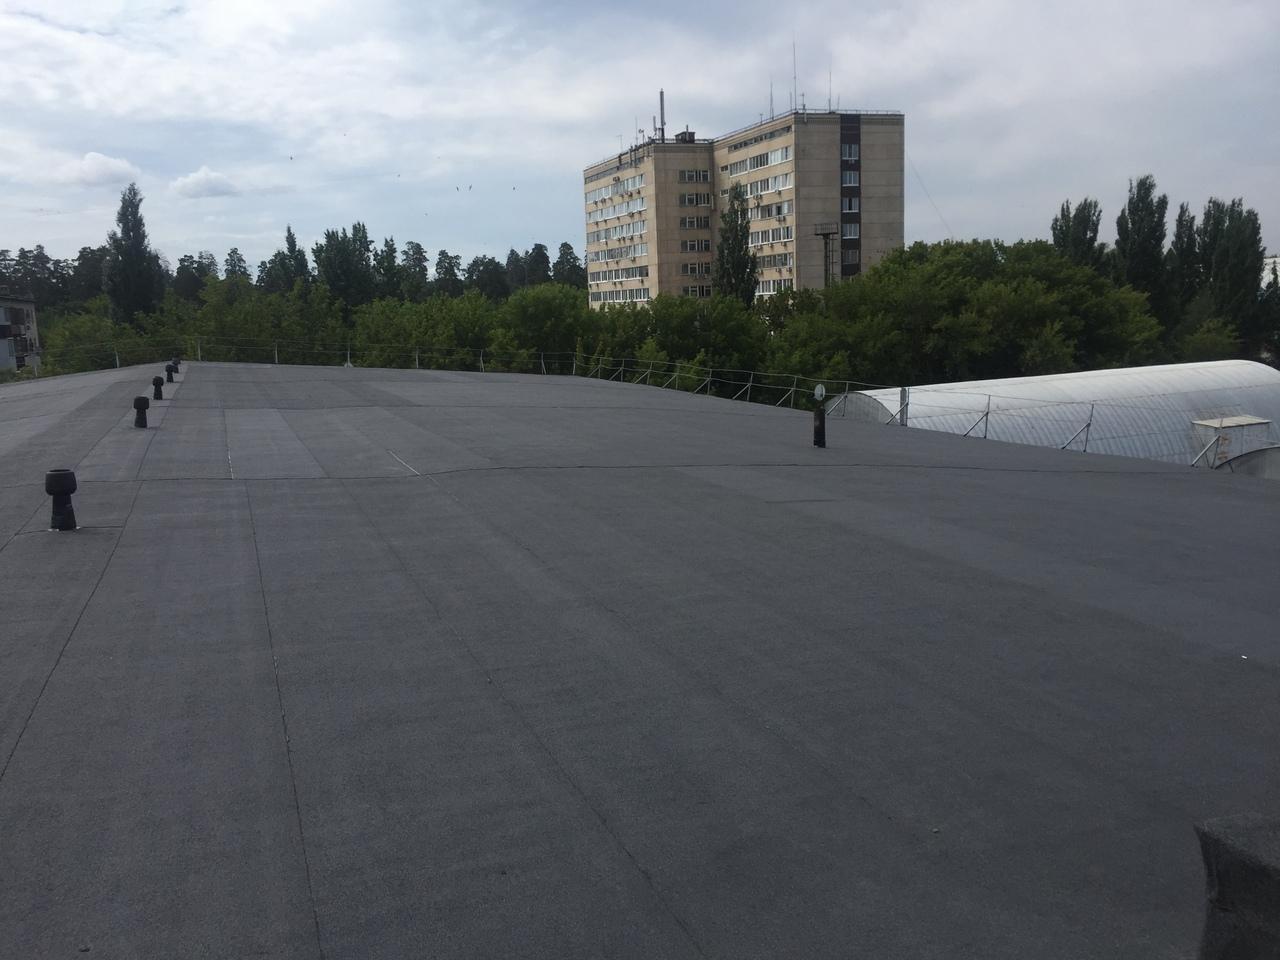 В Тольятти капитально отремонтировали кровлю спорткомплекса «Старт»